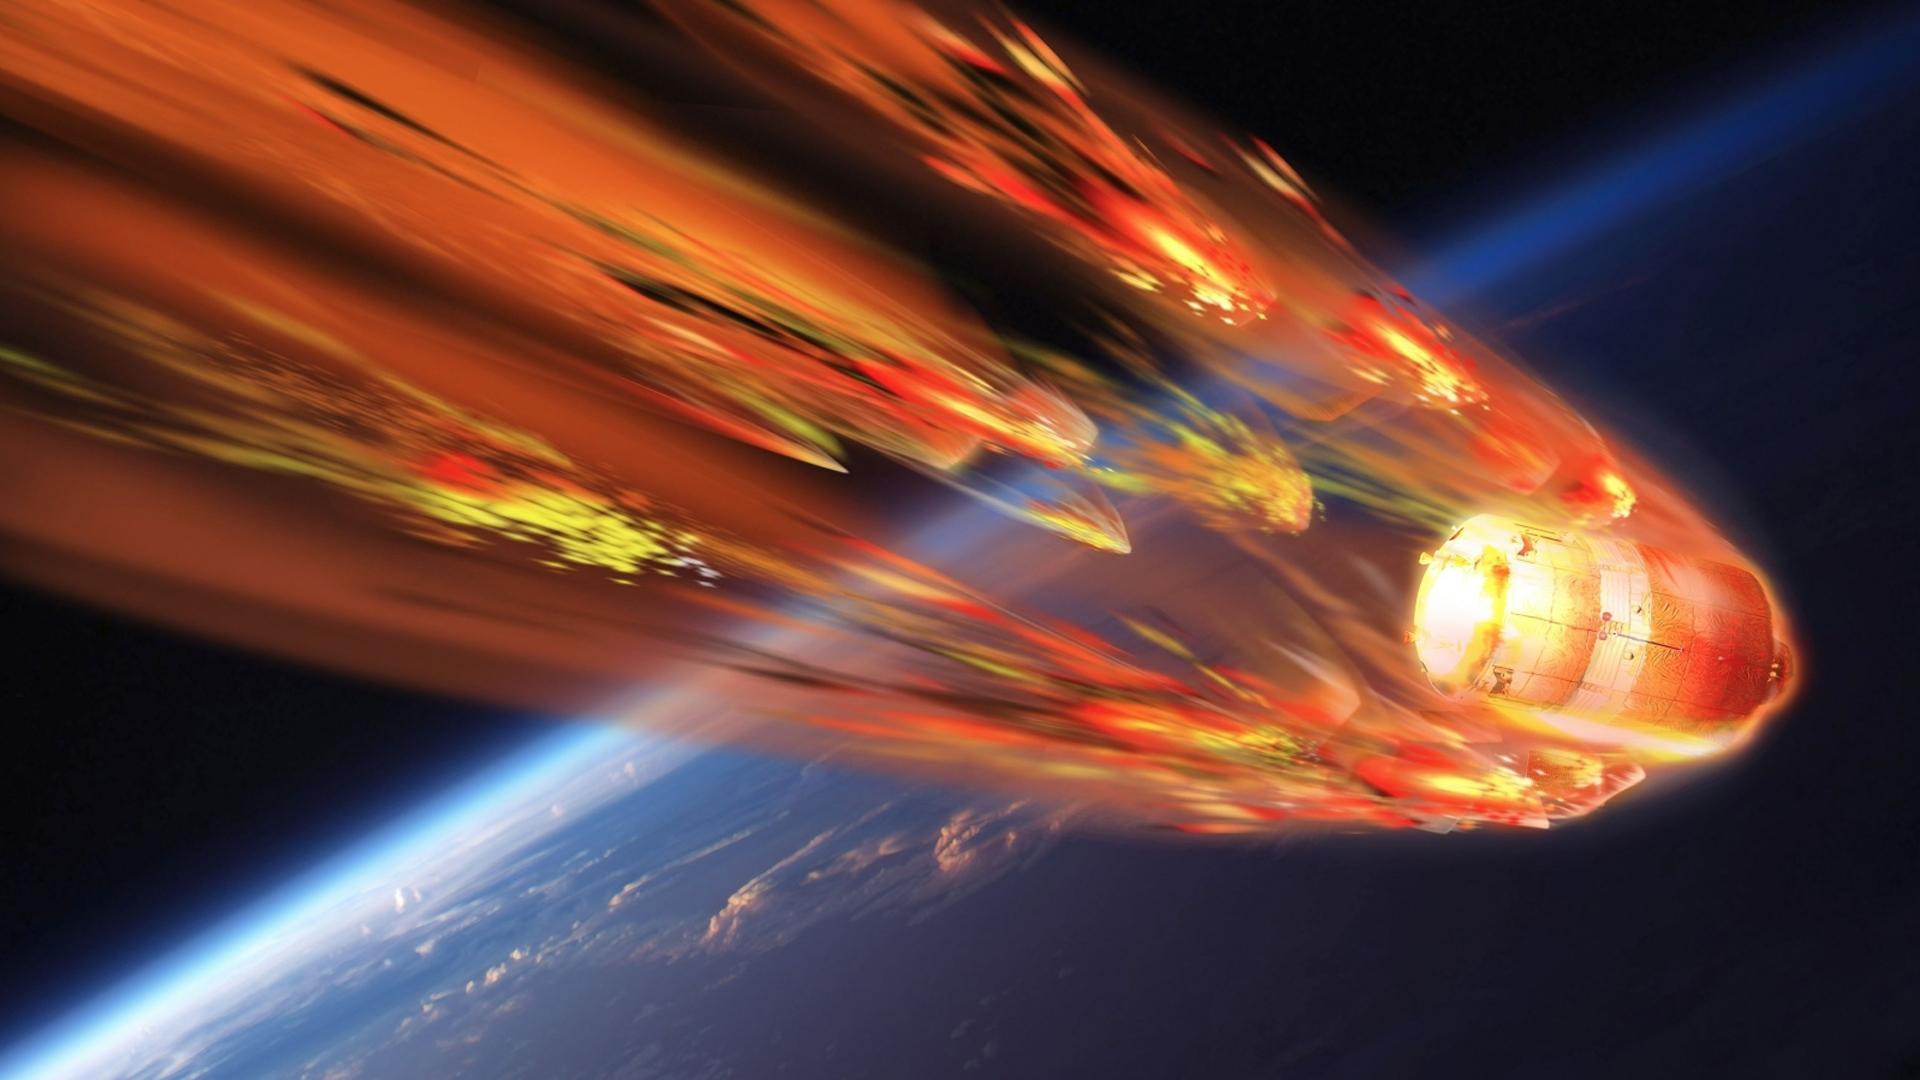 La estación espacial china se desintegrará casi totalmente en la atmósfera terrestre